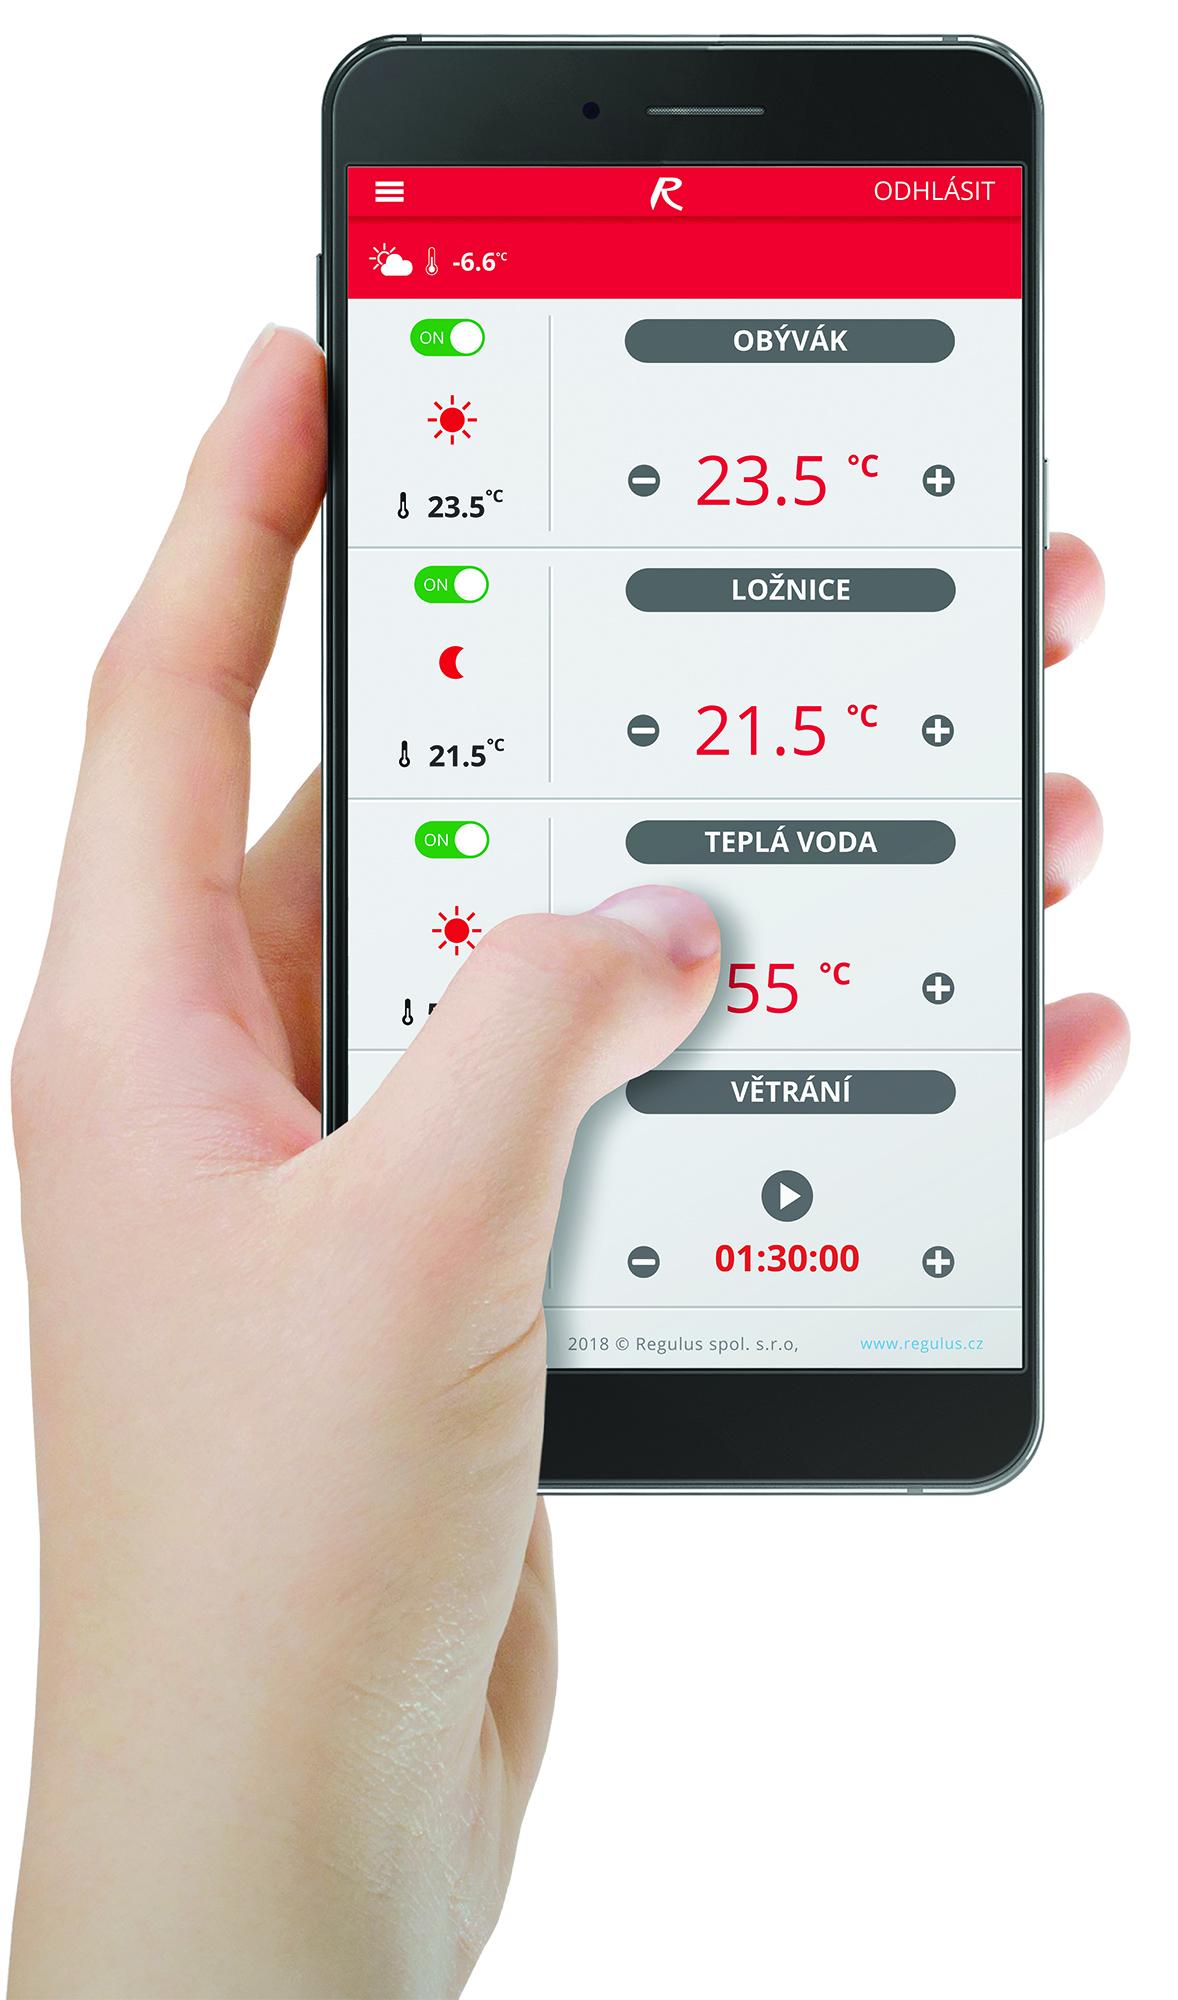 inteligentné telefón pripojiť aplikácie